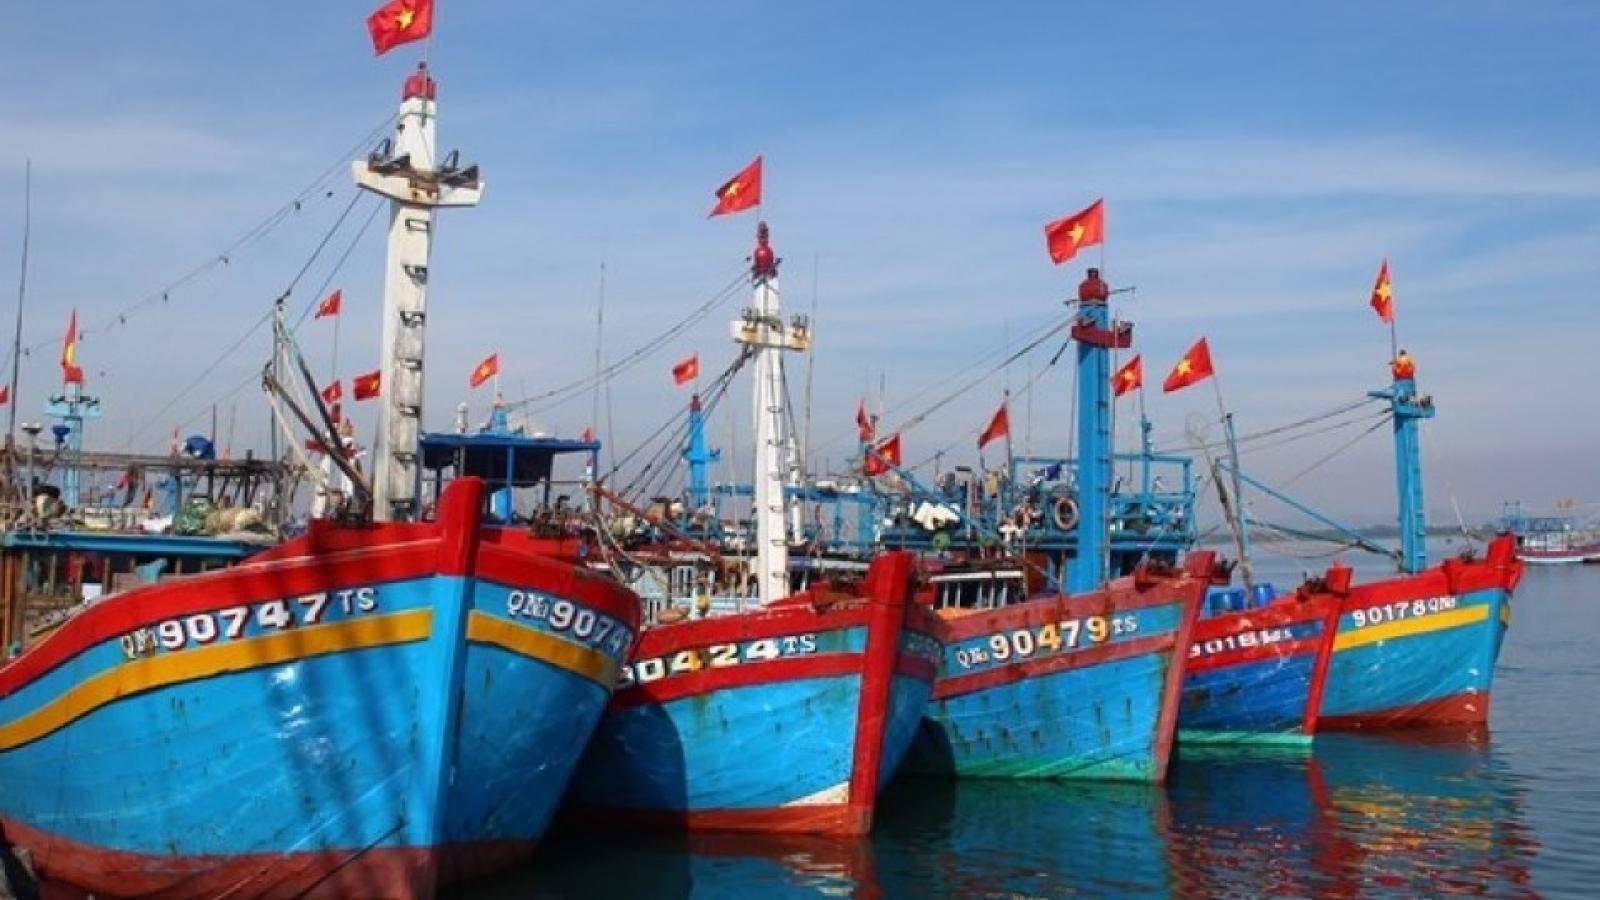 3 tàu cá Khánh Hòa cùng 26 ngư dân bị Indonesia bắt giữ